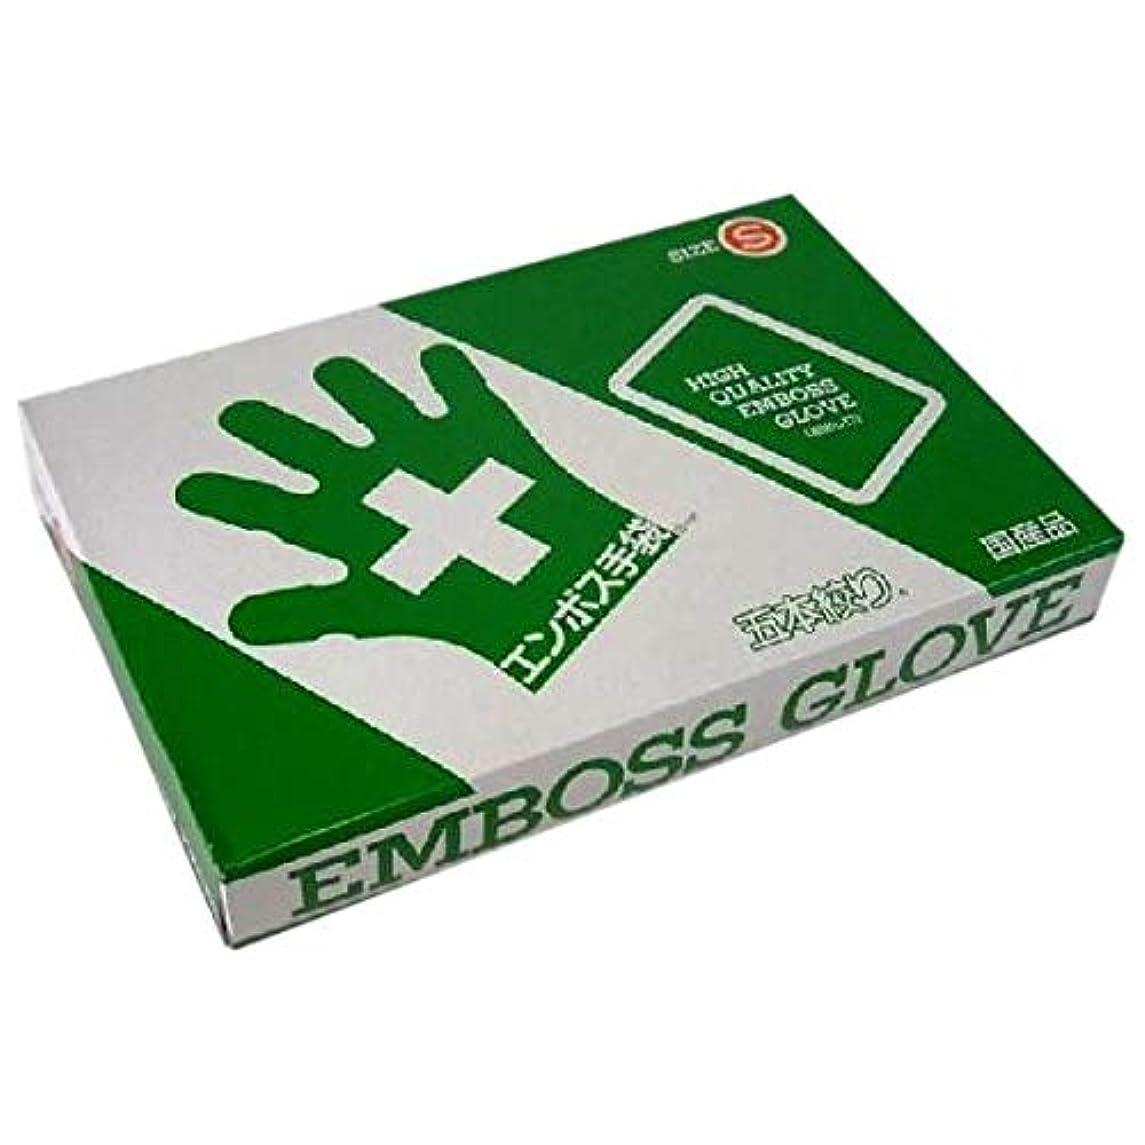 群れ知る凝縮するエンボス手袋 5本絞り(使い捨て手袋国産品) 東京パック S 200枚入